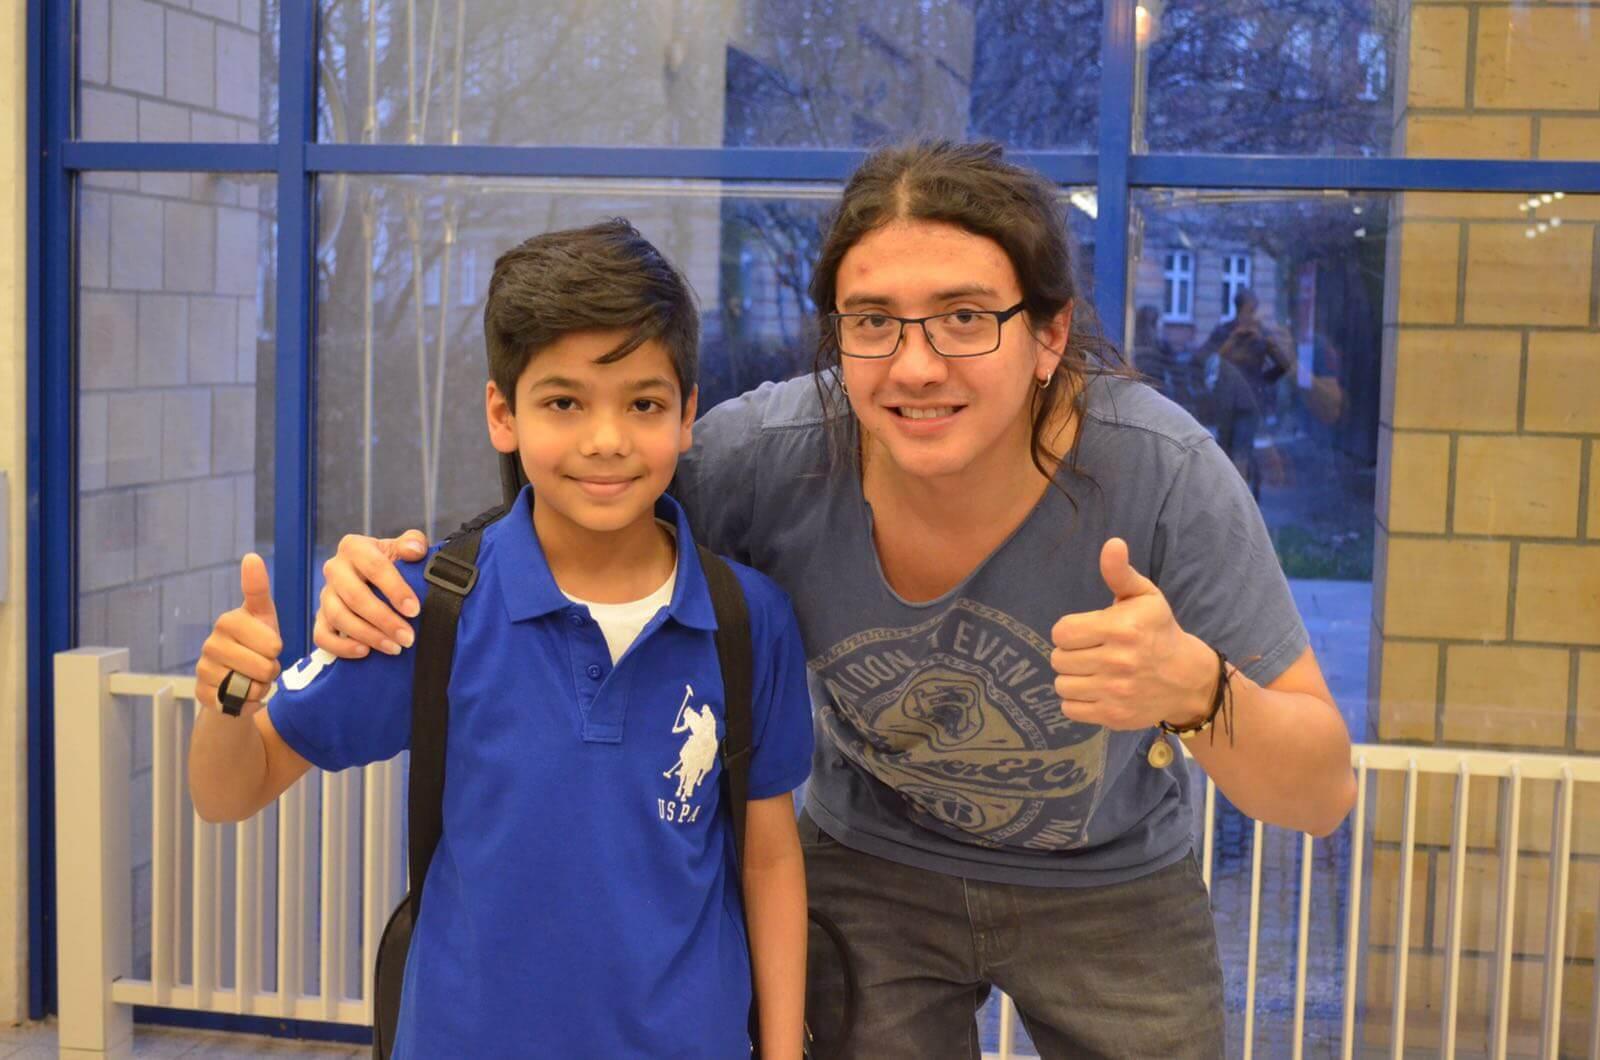 Aryan and Carlos